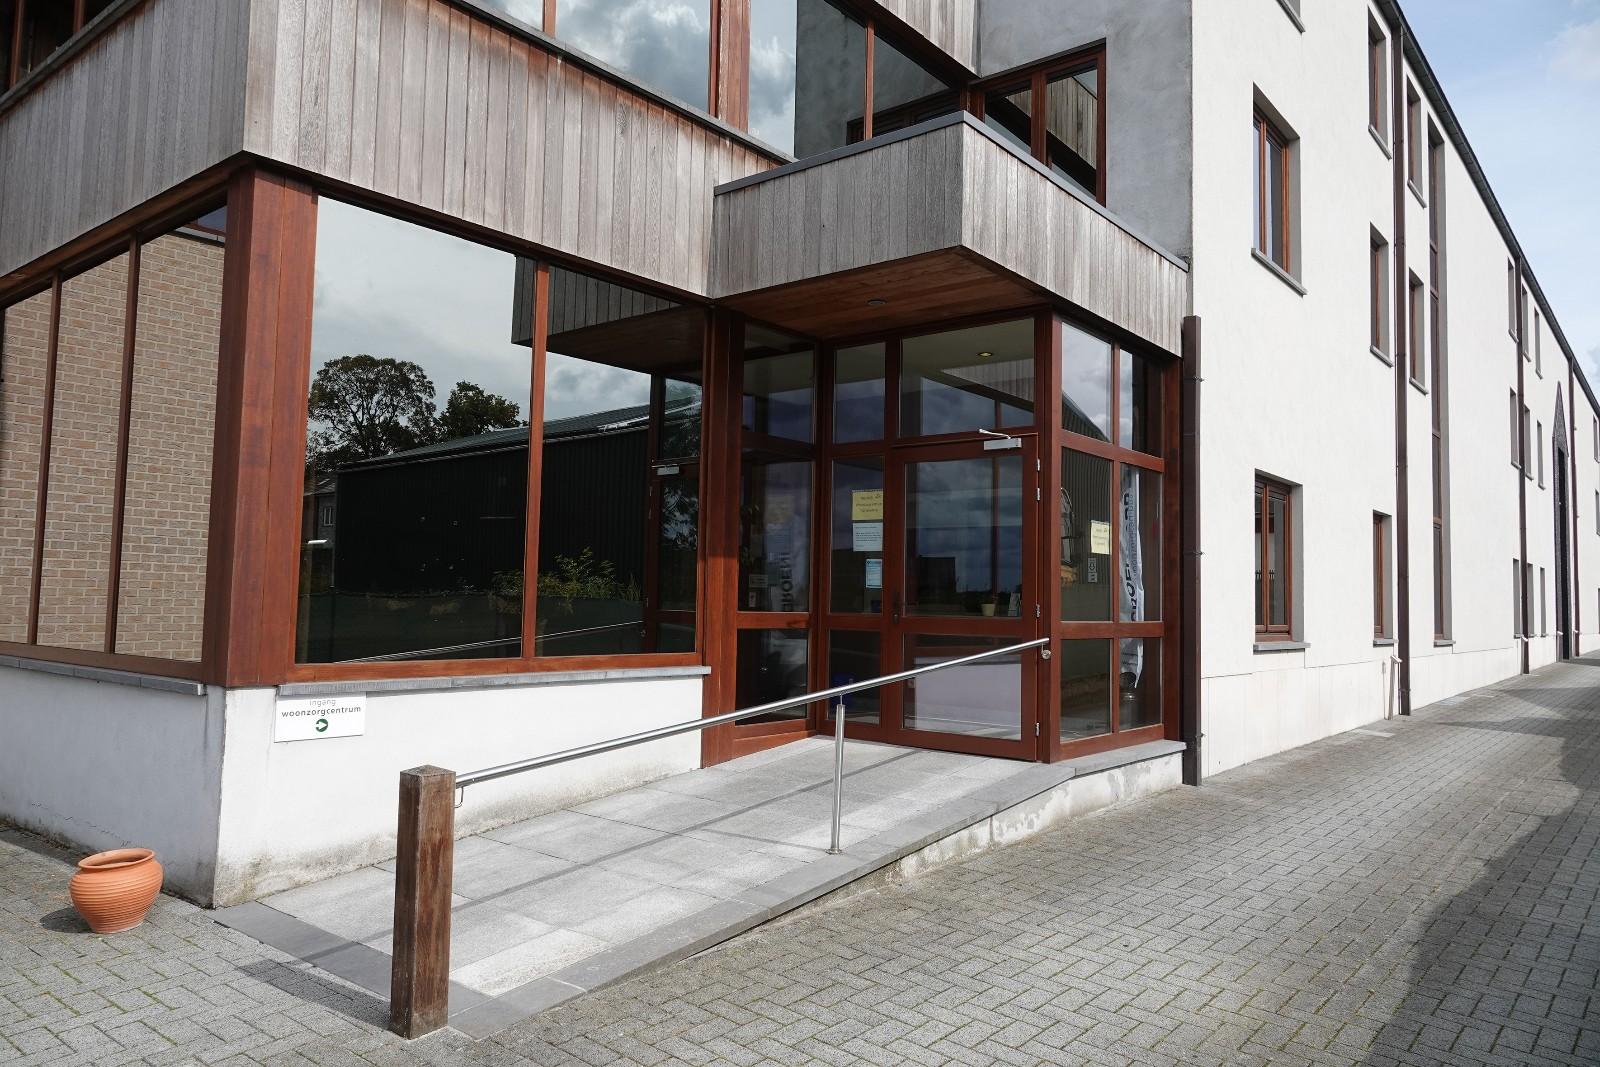 Groendorp gebouw 14